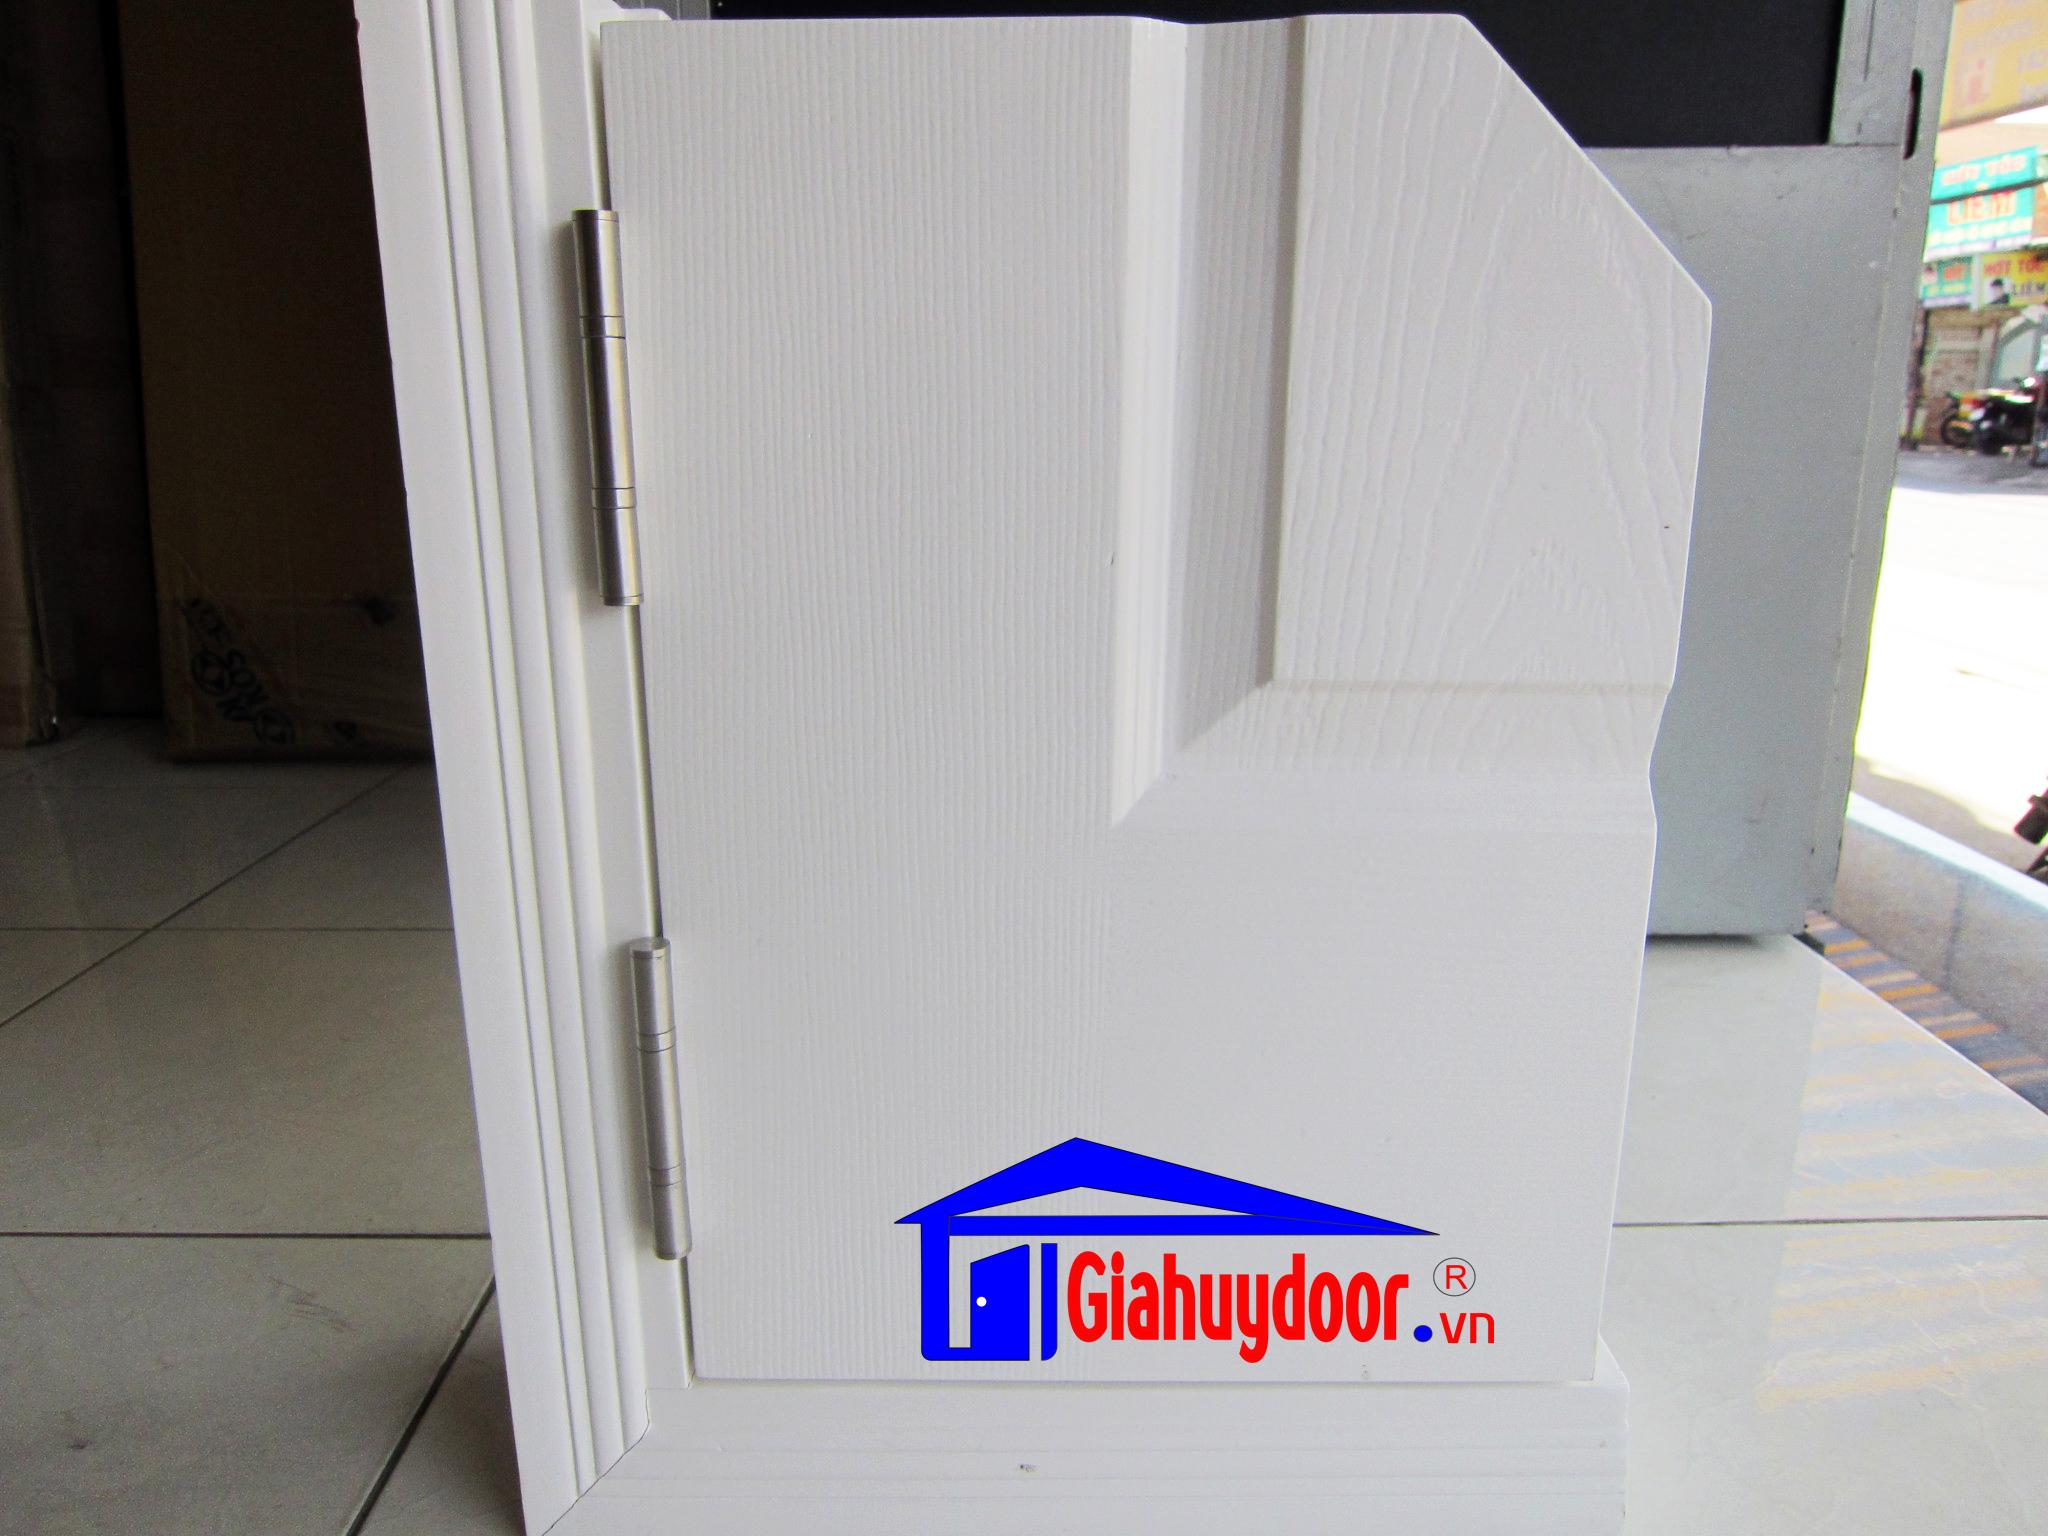 Cửa gỗ công nghiệp HDF GHD 6A-C9 - GIAHUYDOOR 0886.500.500